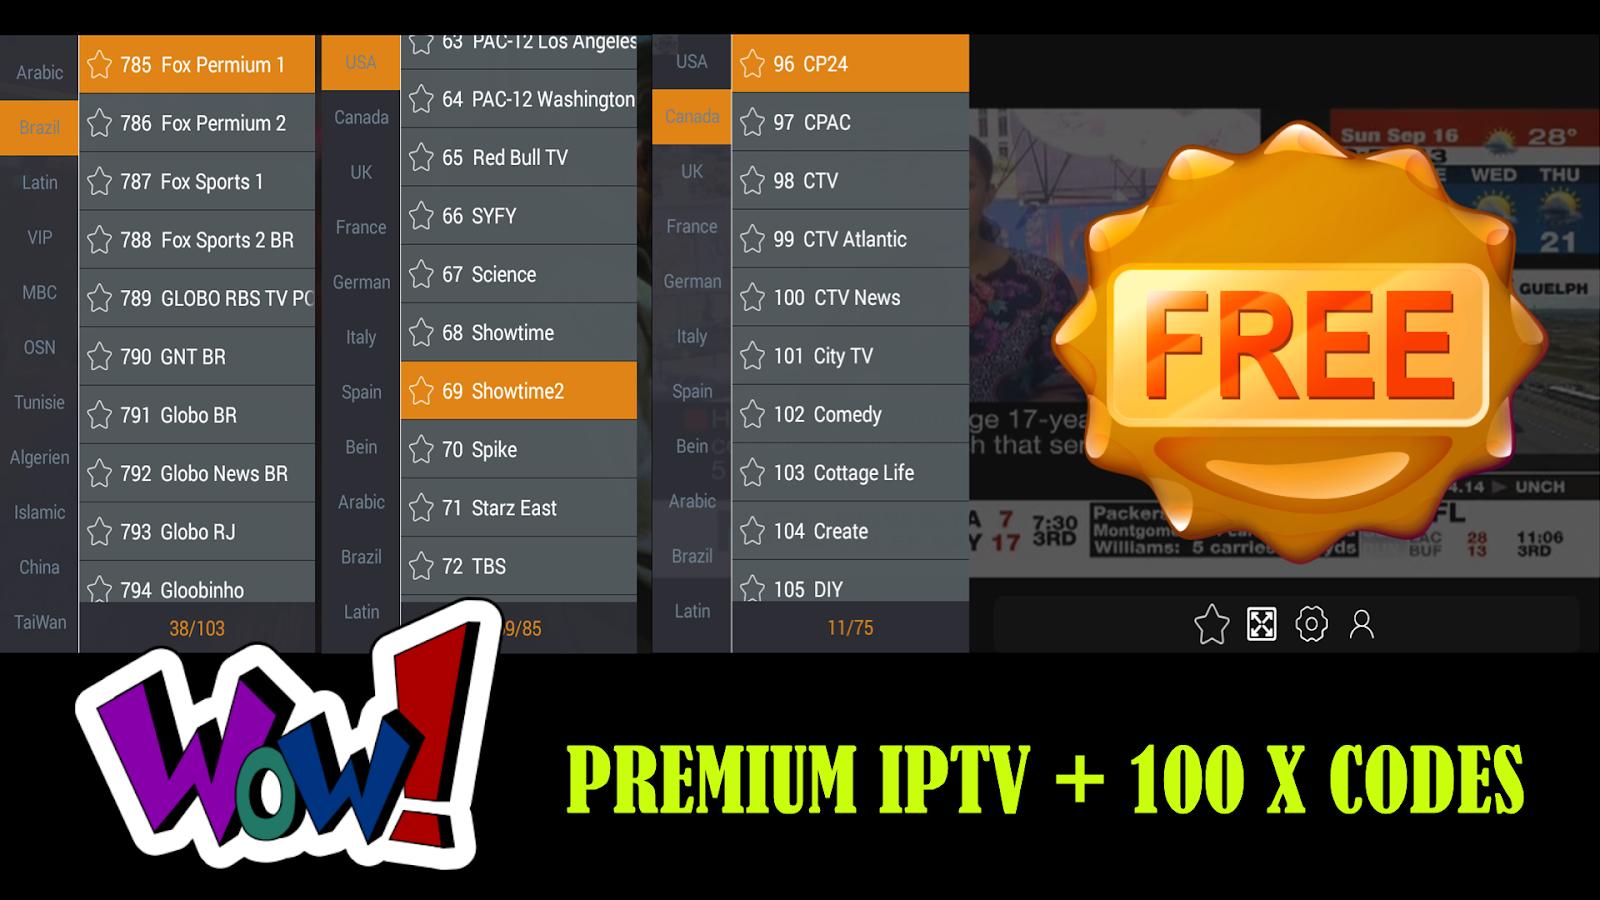 GOTV : PREMIUM IPTV TO WATCH BEST PREMIUM CHANNELS + 100 X USERS